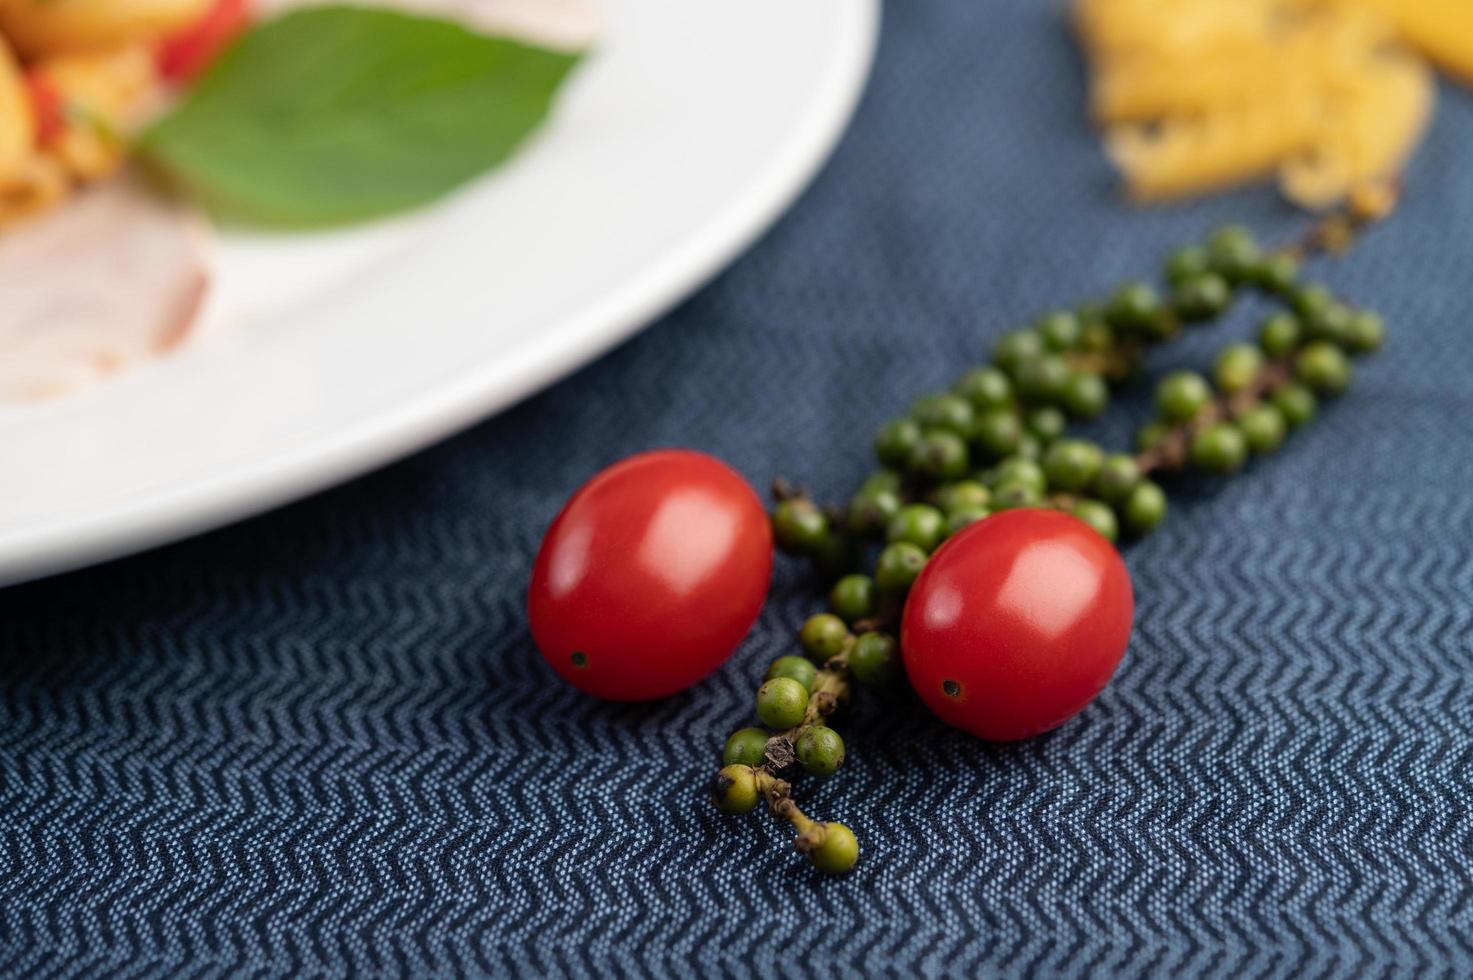 tomates y semillas de pimiento fresco sobre una tela estampada foto